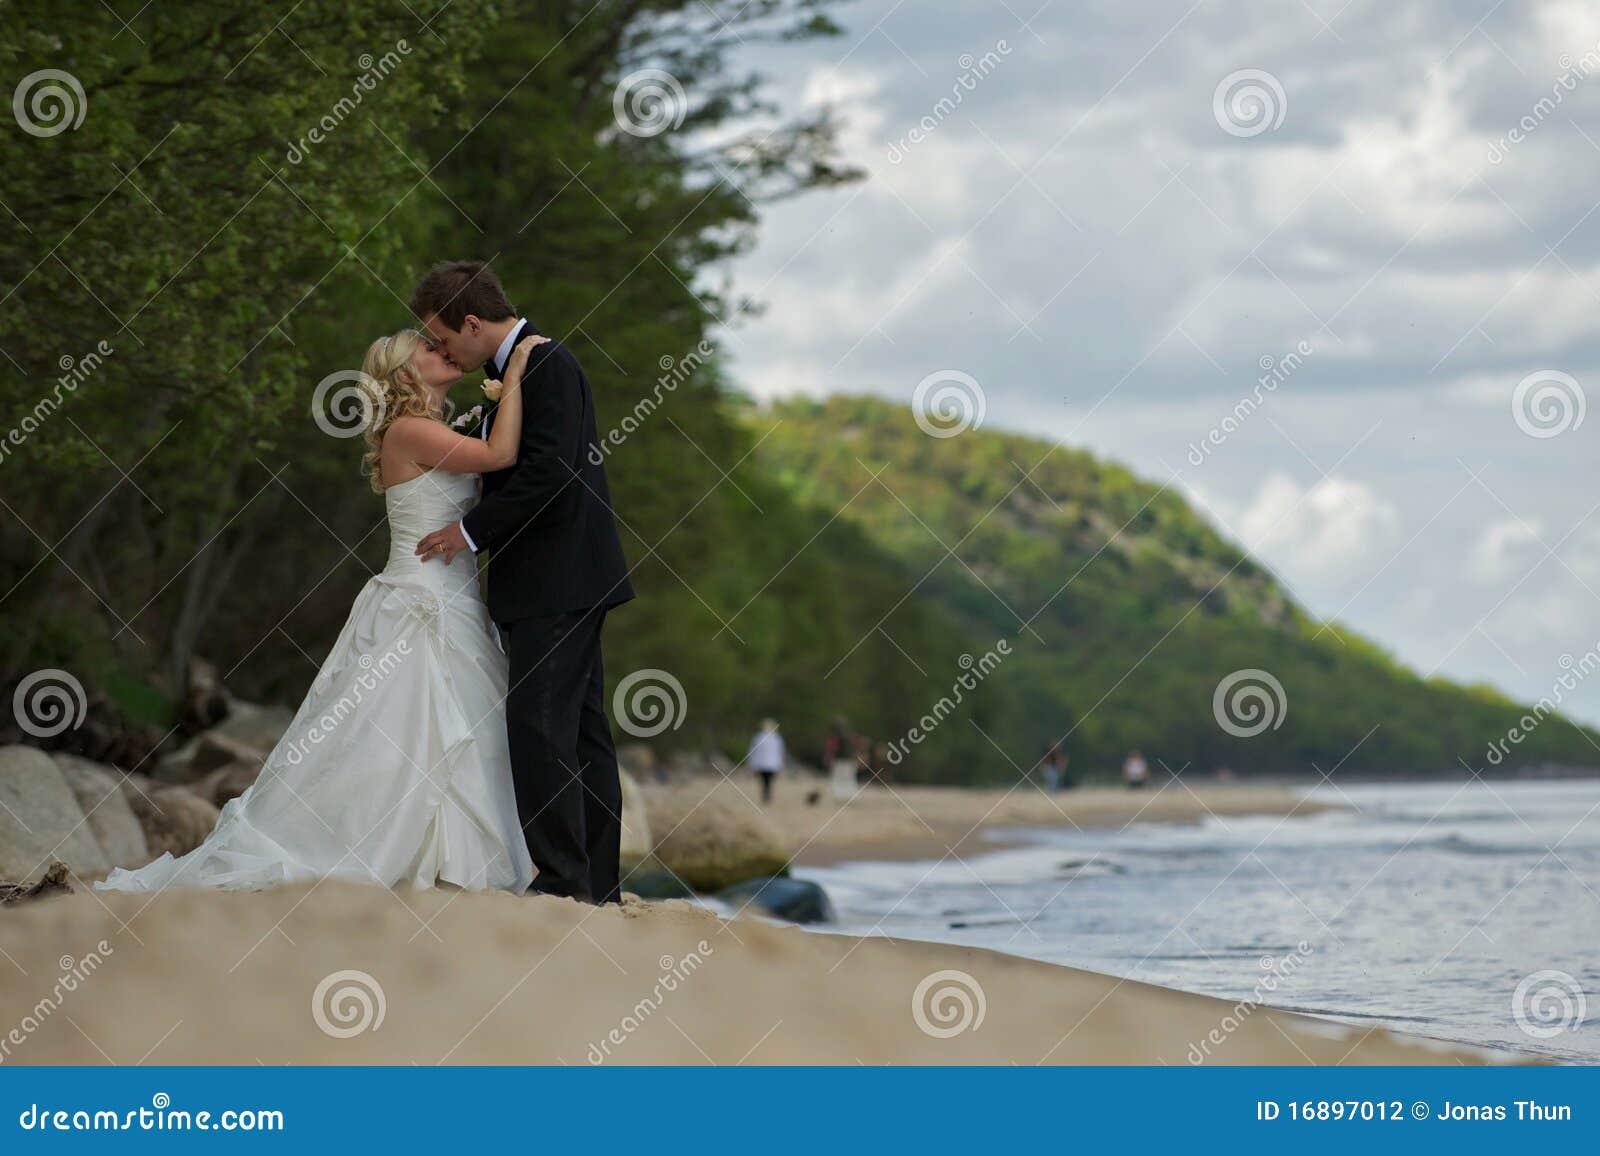 baisers des couples de mariage sur la plage photographie stock image 16897012. Black Bedroom Furniture Sets. Home Design Ideas